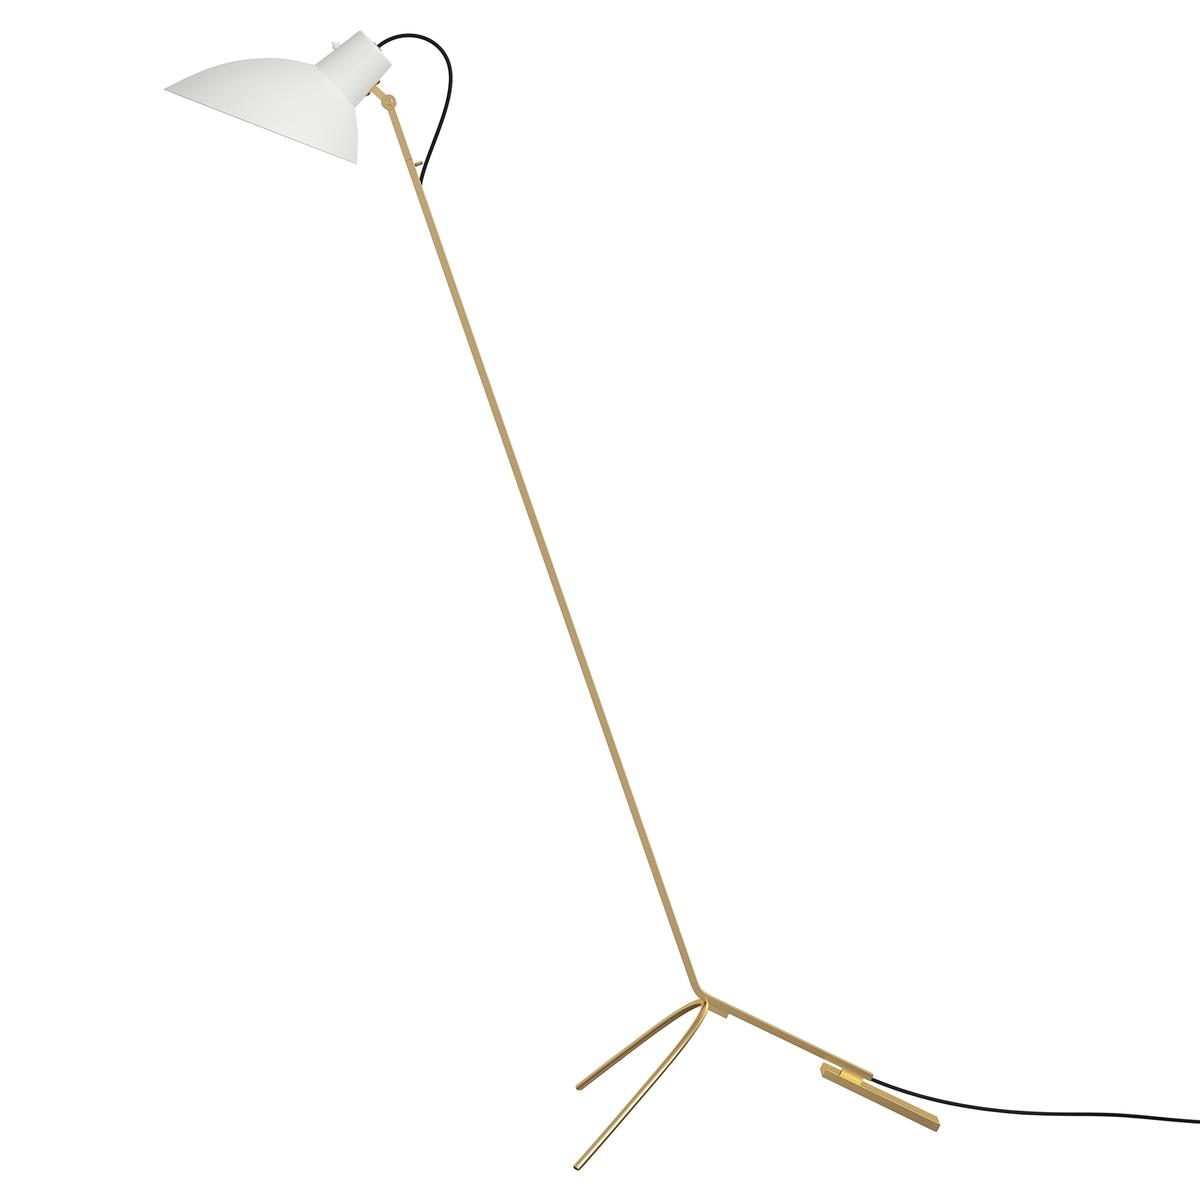 Astep Vv Cinquanta Floor Lamp, Brass - White